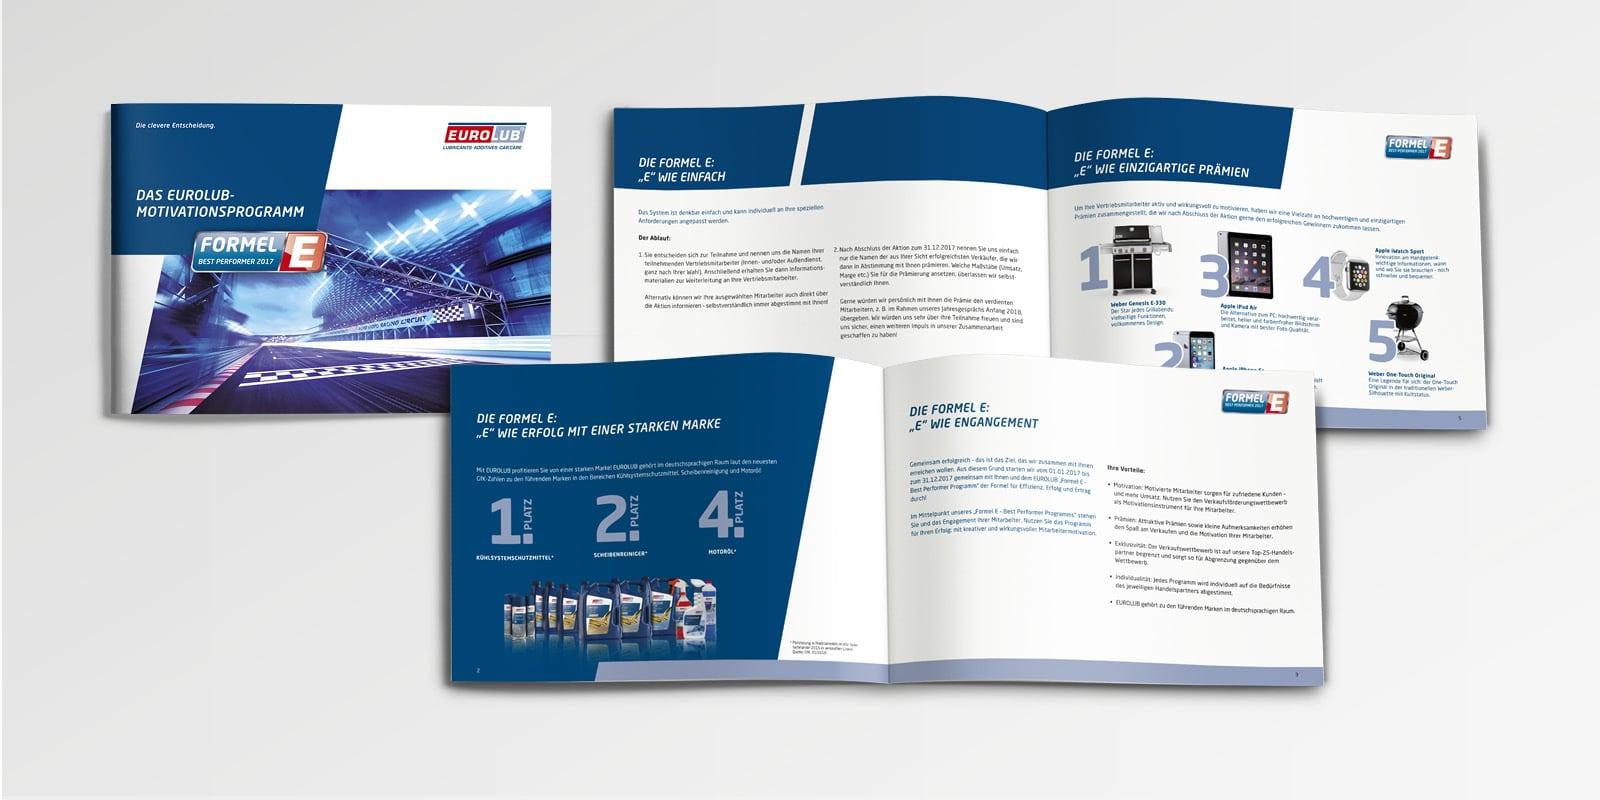 Eurolub – Salesfolder Händlermotivationsprogramm